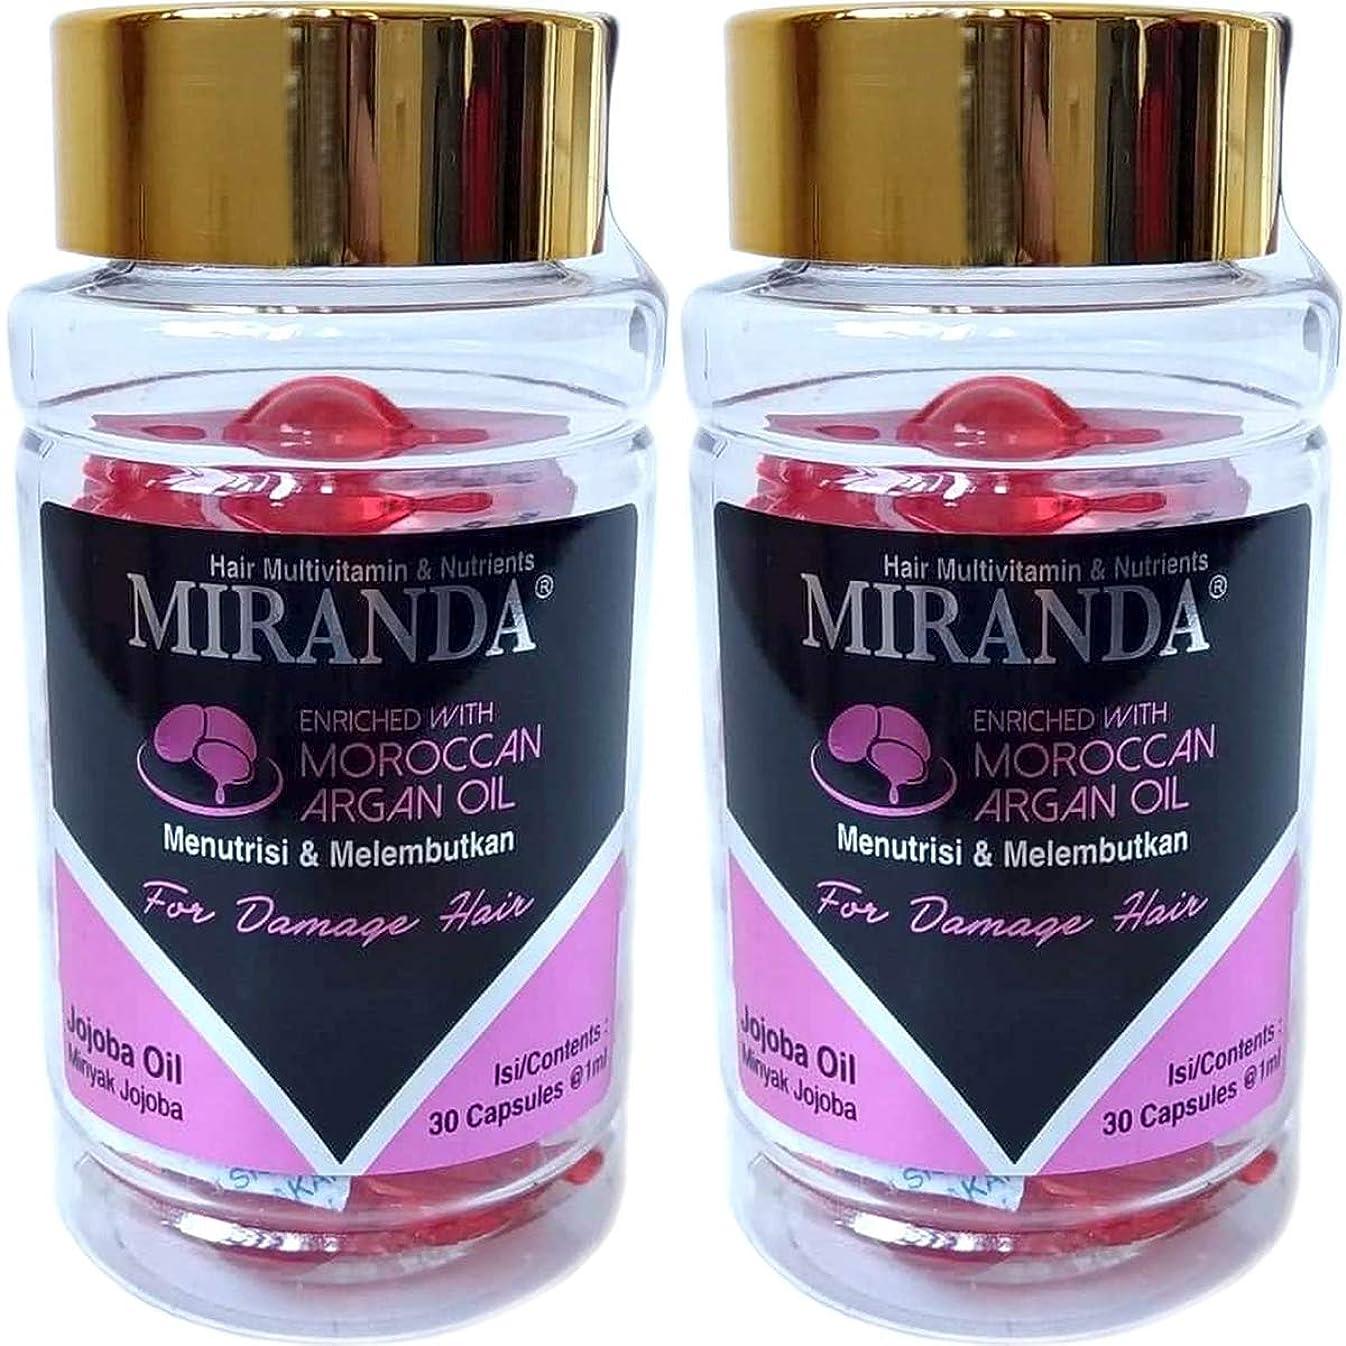 郵便屋さんパワーセル作りますMIRANDA ミランダ Hair Multivitamin&Nutrients ヘアマルチビタミン ニュートリエンツ 洗い流さないヘアトリートメント 30粒入ボトル×2個セット Jojoba oil ホホバオイル [海外直送品]